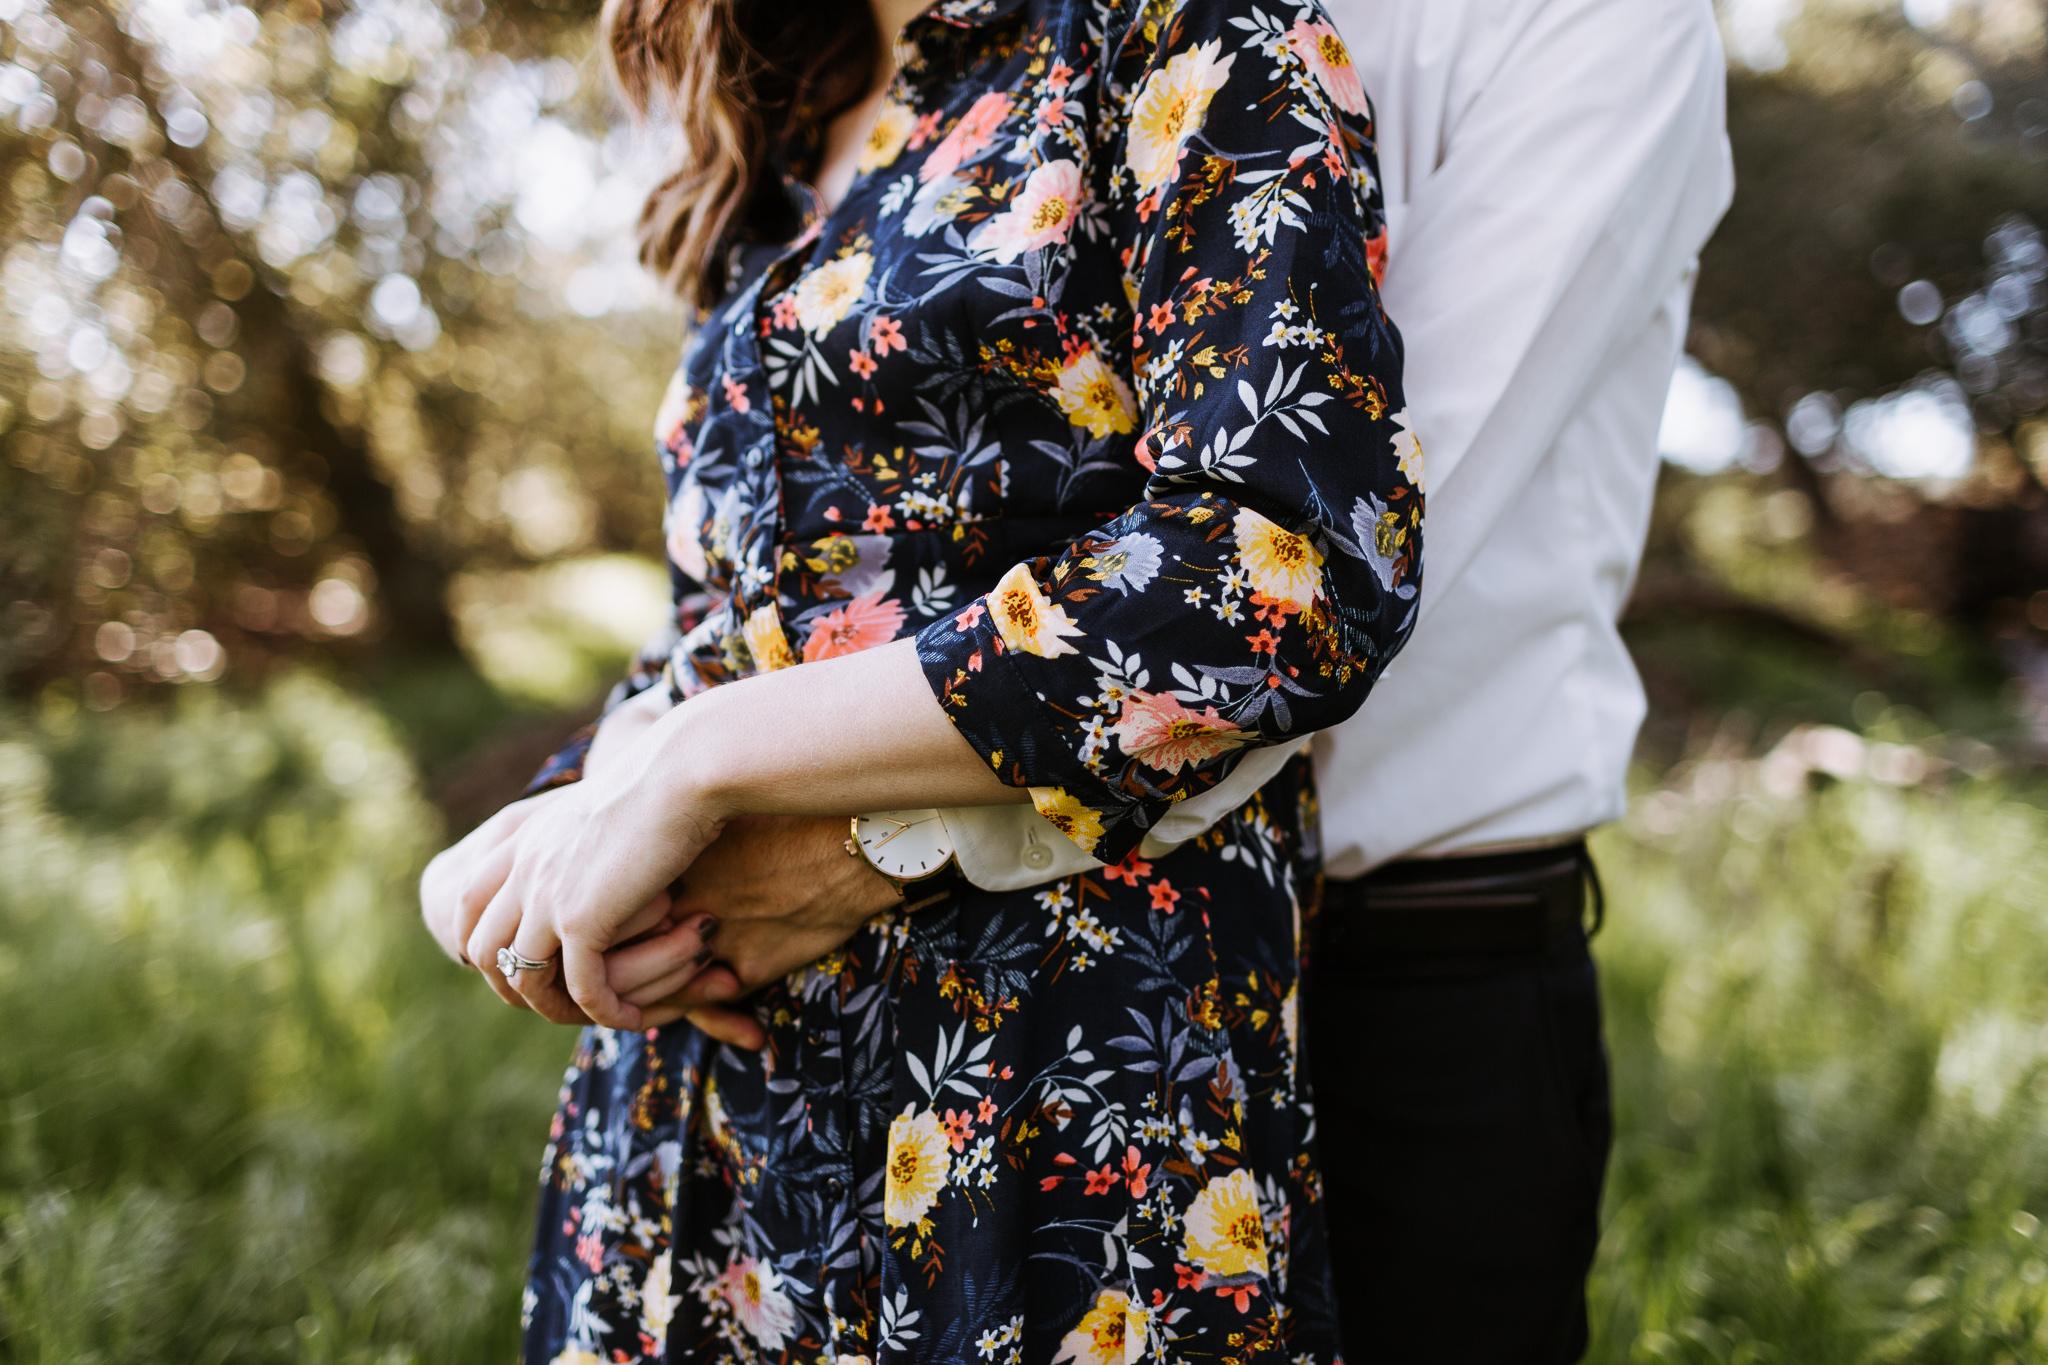 OrangeCounty-WeddingPhotographer-MeredithLynnePhotography-3.jpg